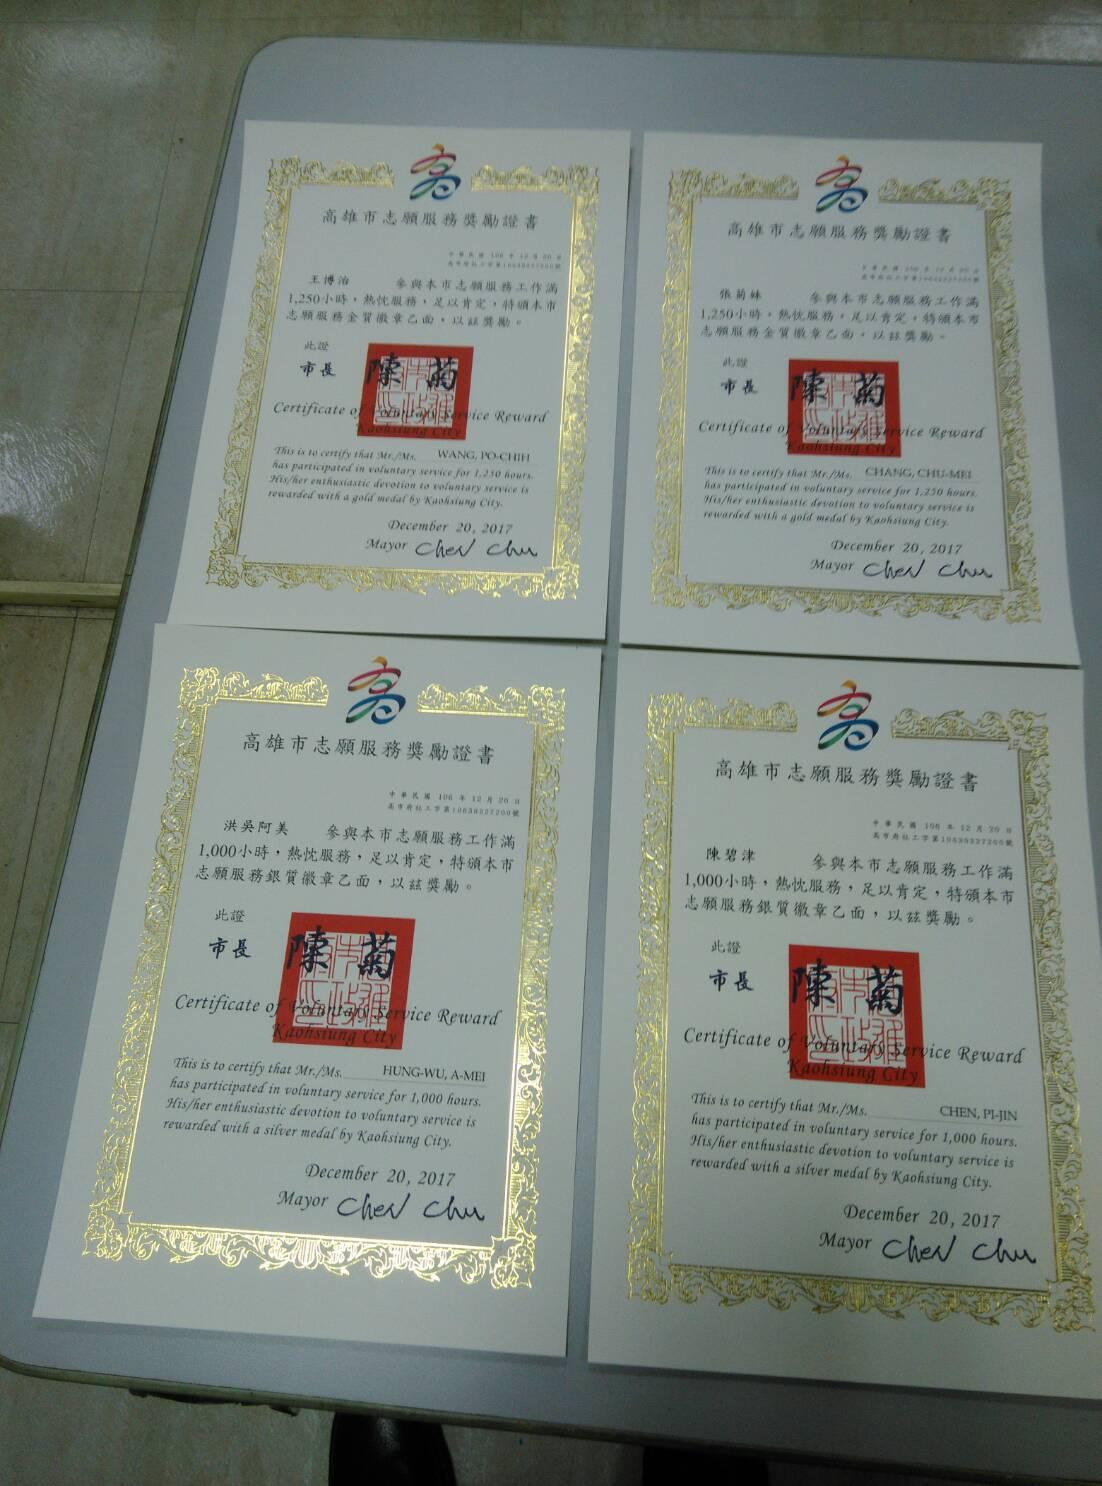 恭喜,榮獲: 高雄市志工績優~ 金質獎2人:張菊妹、王博治 銀質獎2人:陳碧津、洪吳阿美